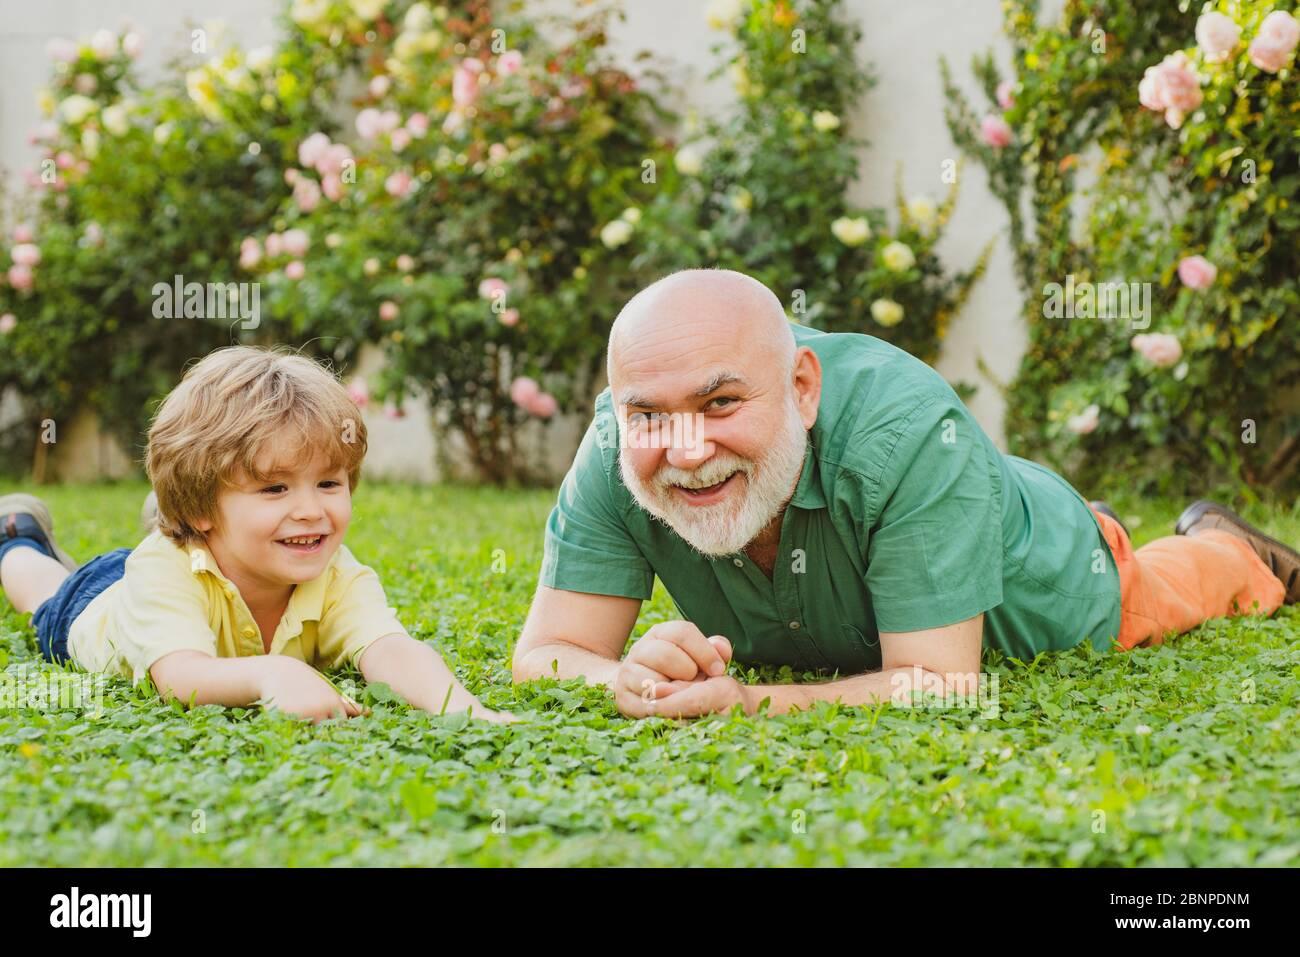 Enkel umarmen seinen Großvater. Glückliche Familie Vater und Kind auf Wiese mit einem Drachen im Sommer auf grünem Gras. Niedlicher Junge mit Papa spielen im Freien Stockfoto